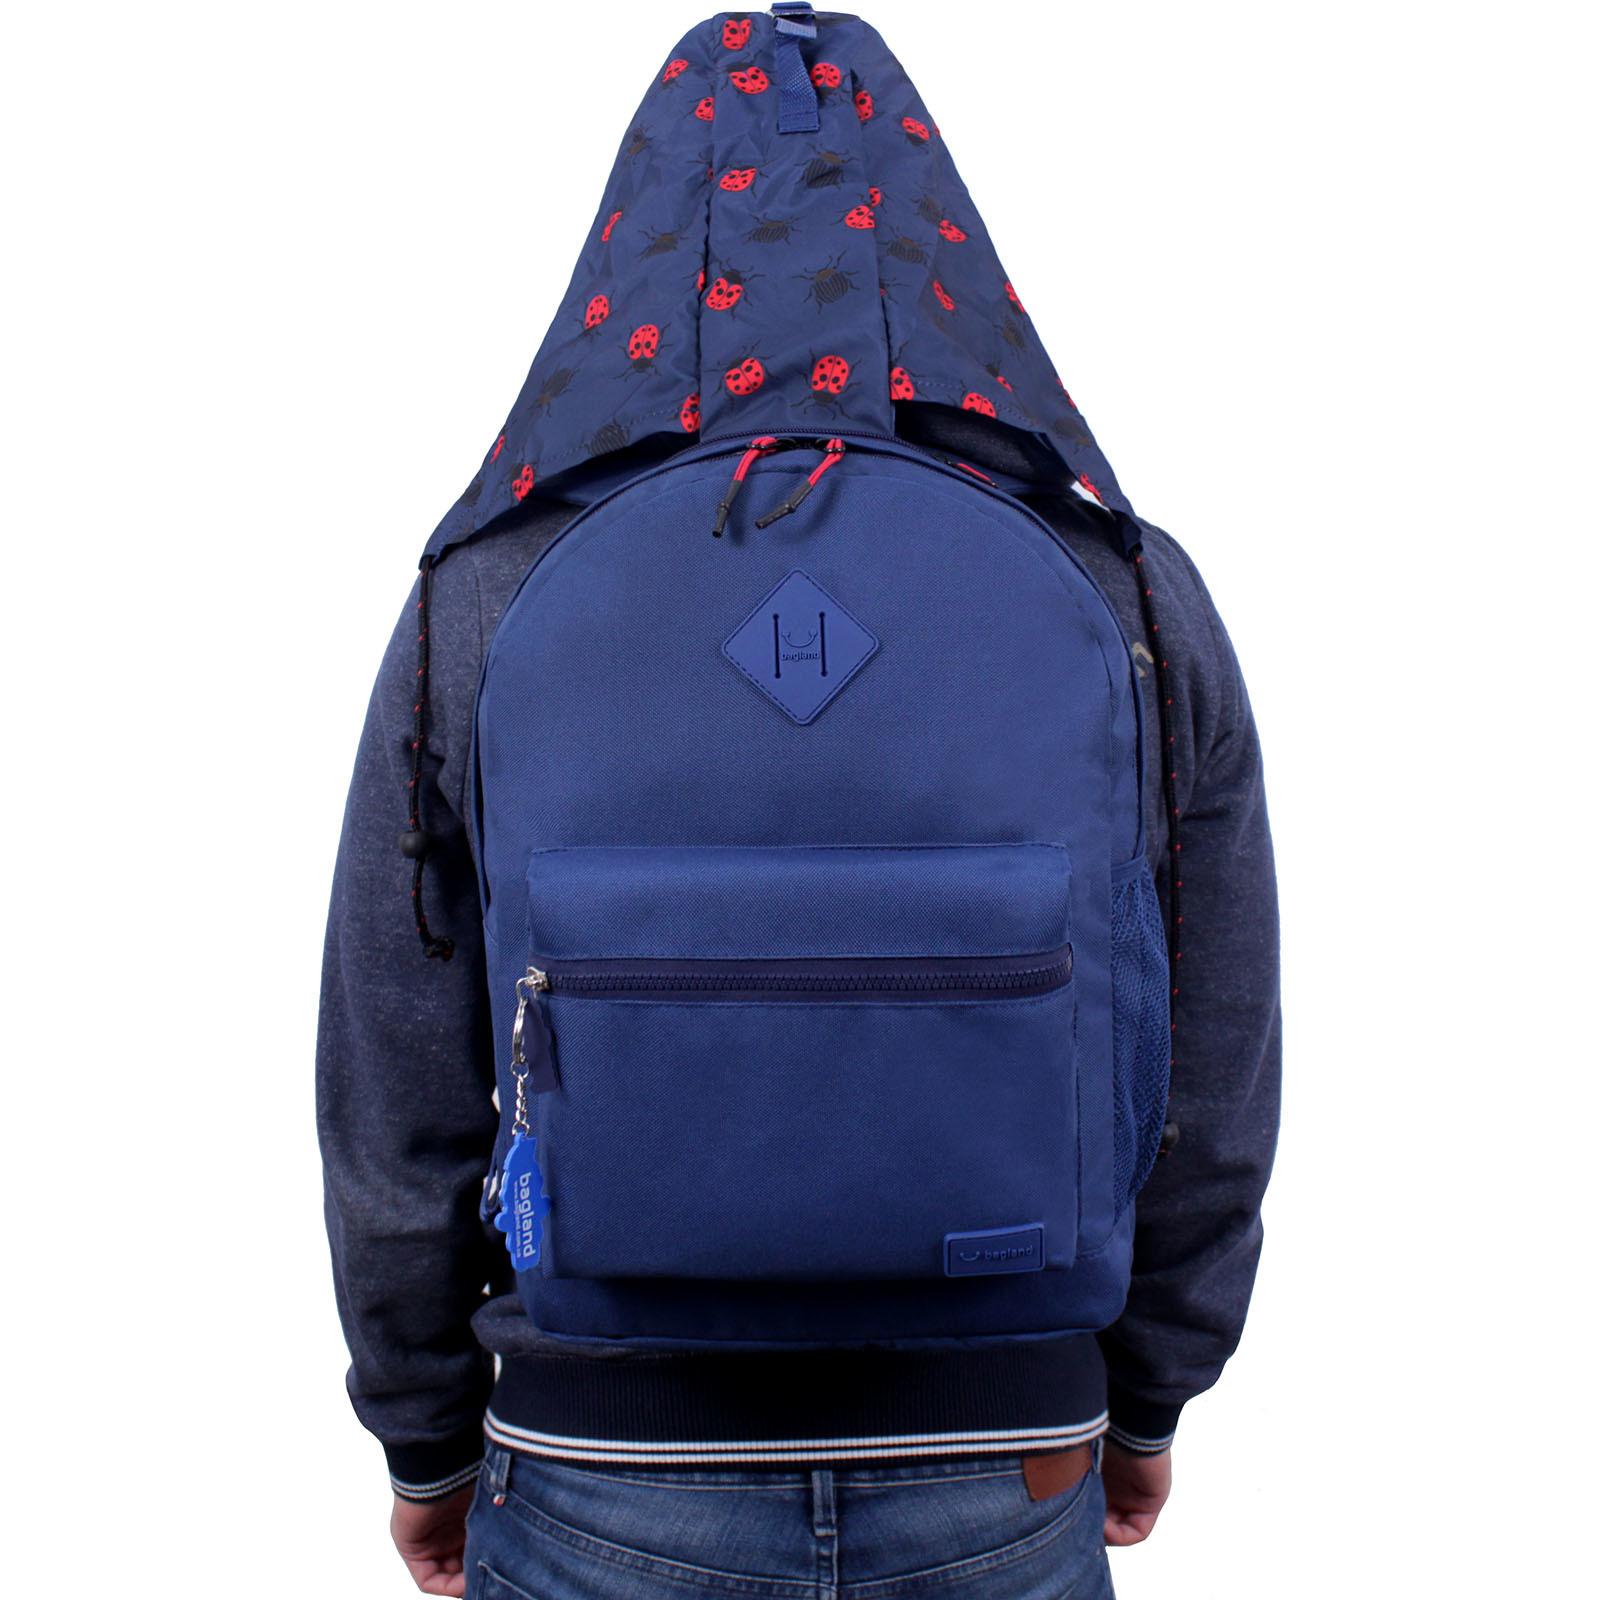 Рюкзак Bagland Hood W/R 17 л. синий 453 (0054466) фото 6